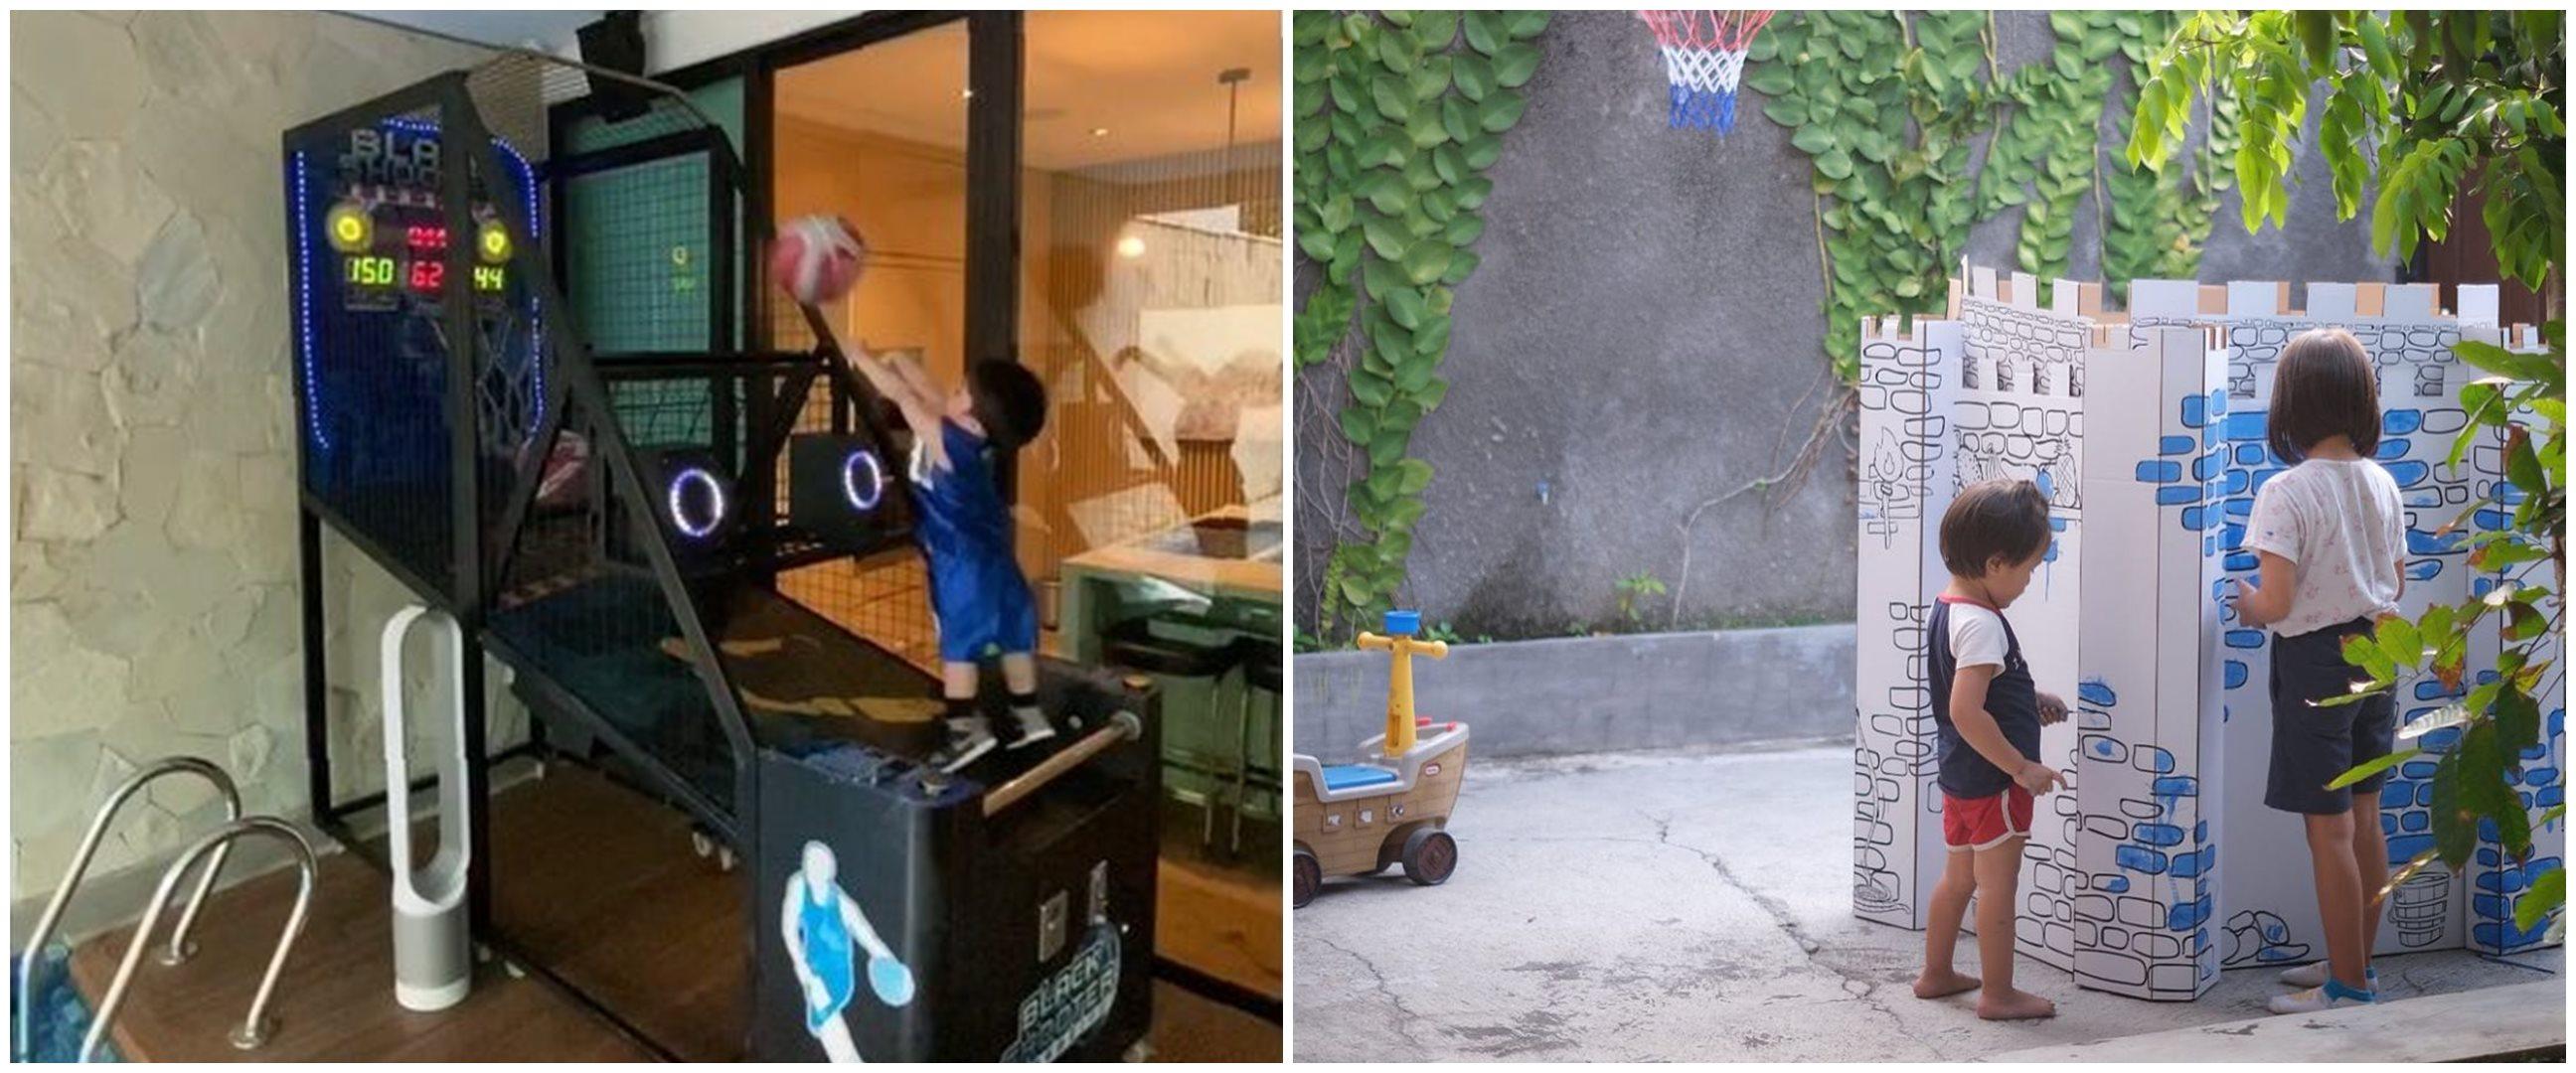 14 Potret arena bermain anak seleb di rumah, luas & wahananya komplet